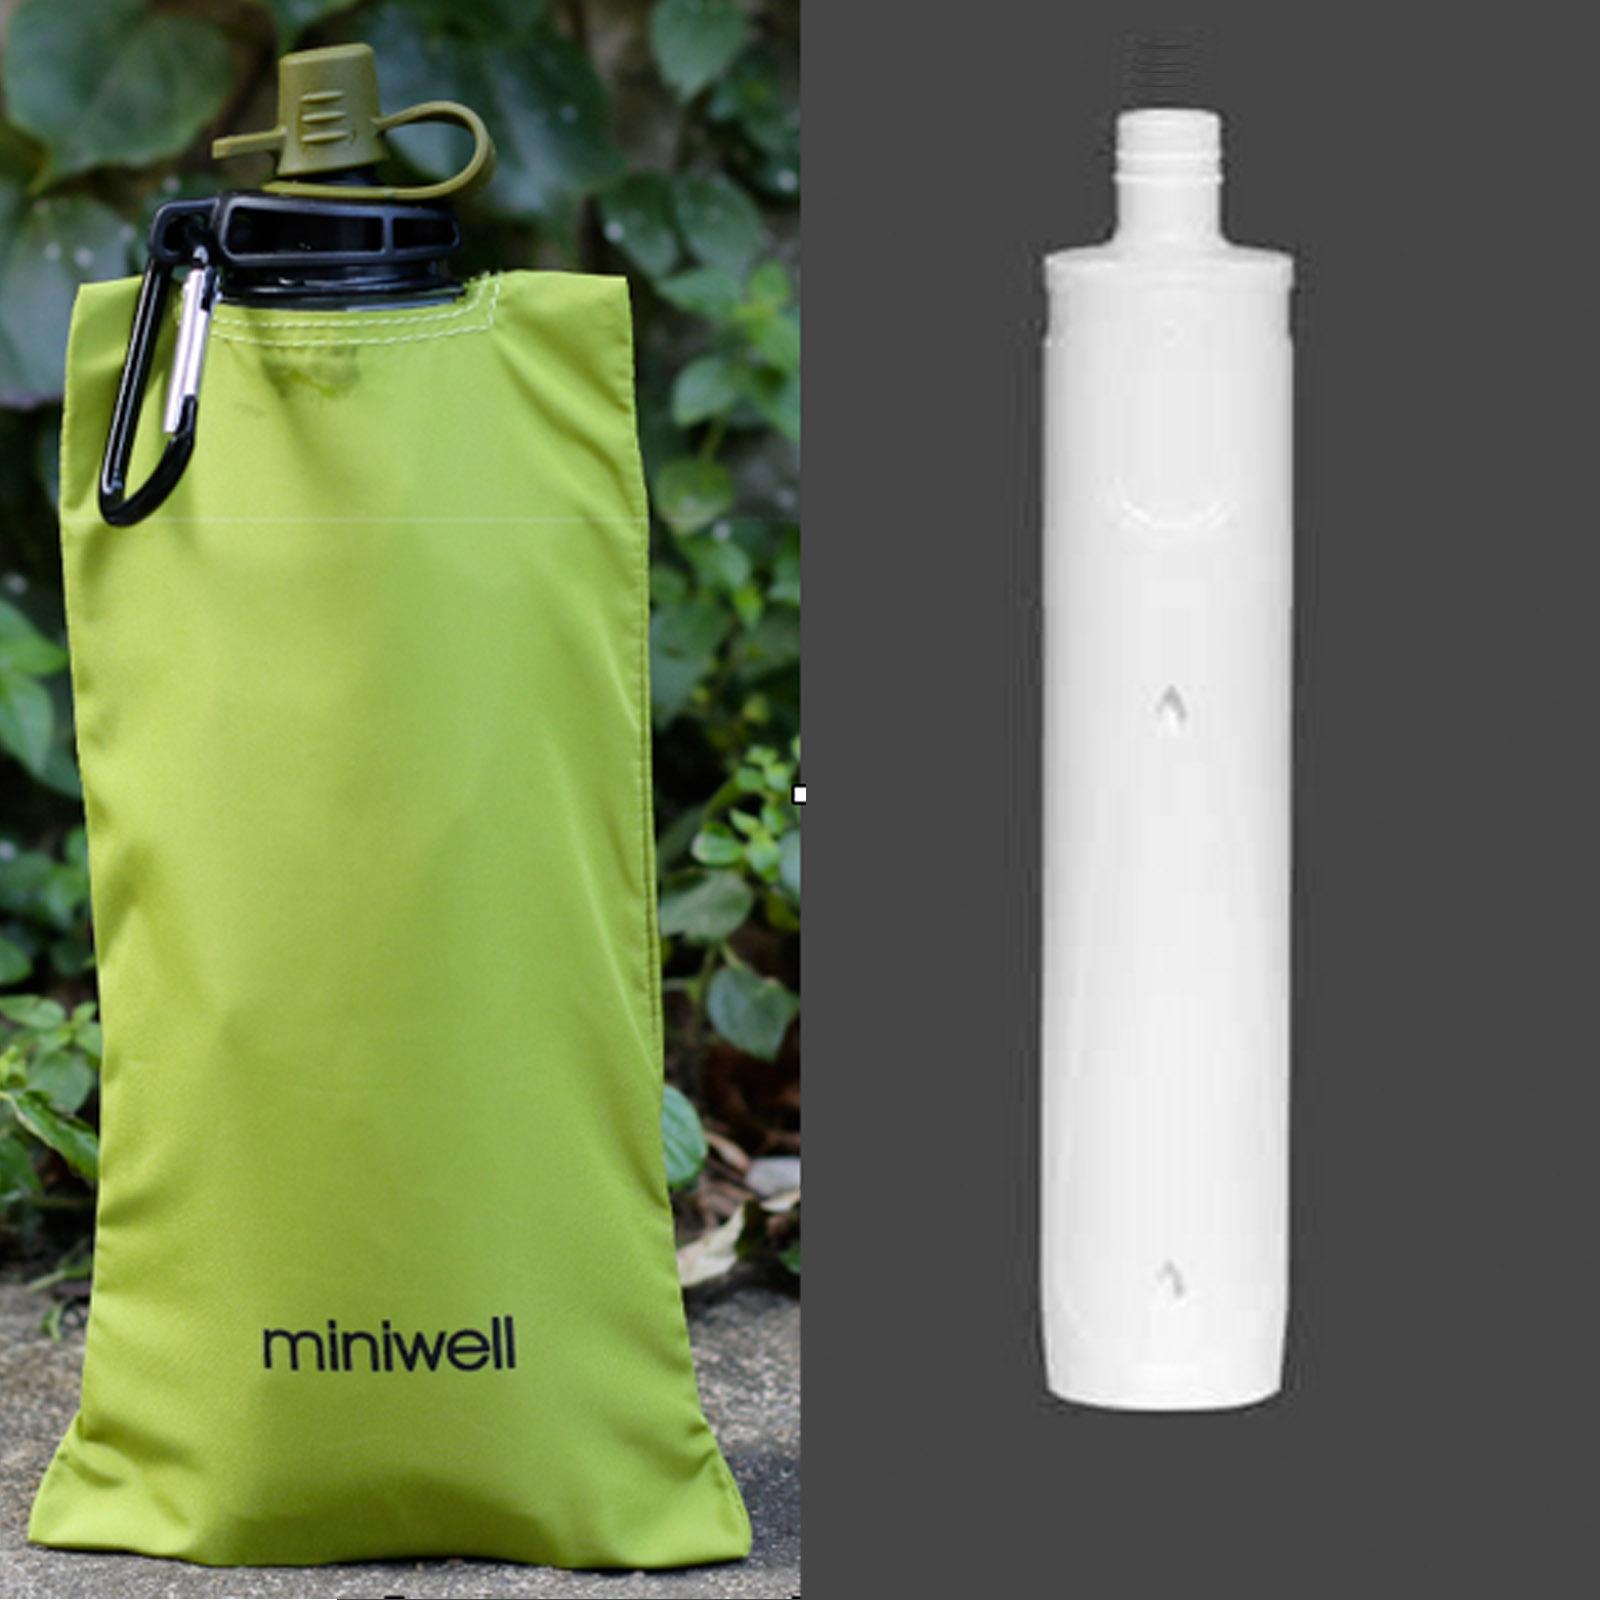 Miniwell L620 mobiler Wasserfilter + 2 faltbare Flaschen